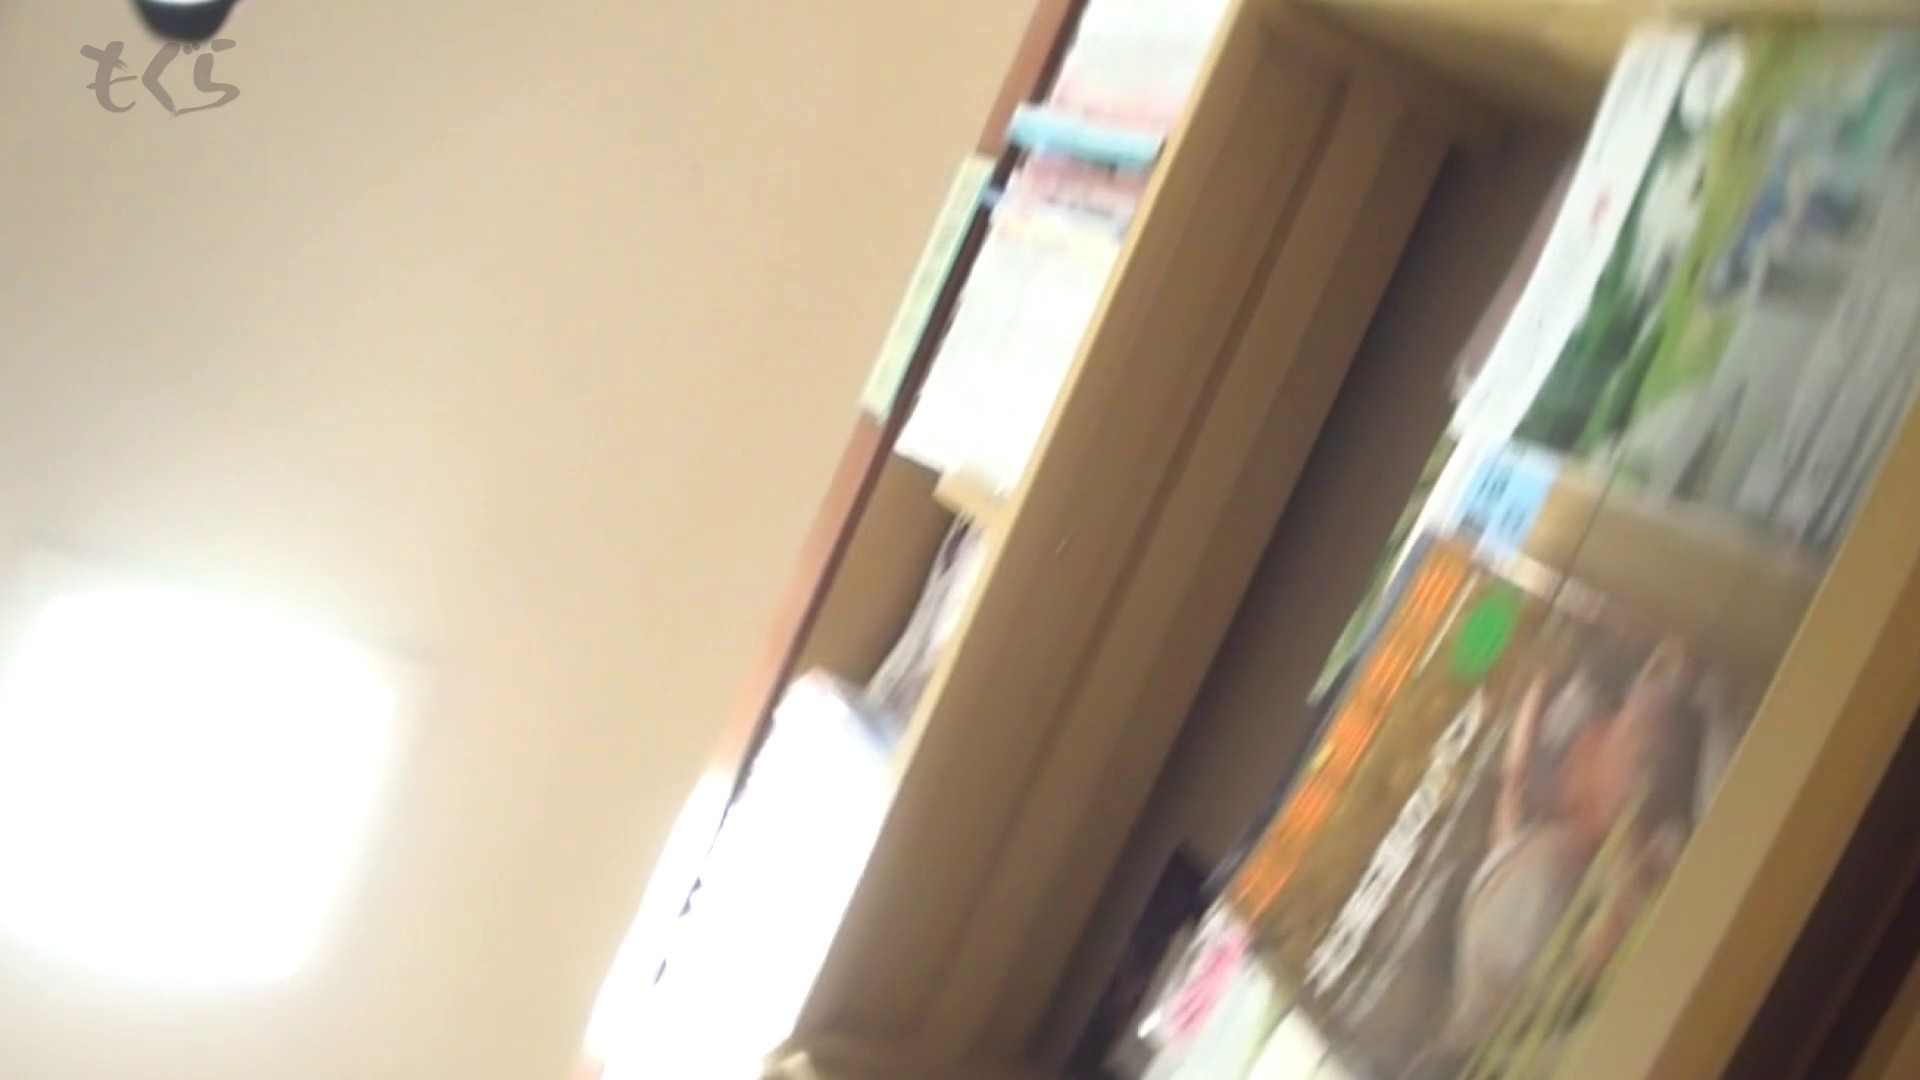 隣から【期間限定品】No.14 黒髪のJDを粘着撮り!! 高画質動画 戯れ無修正画像 89画像 22